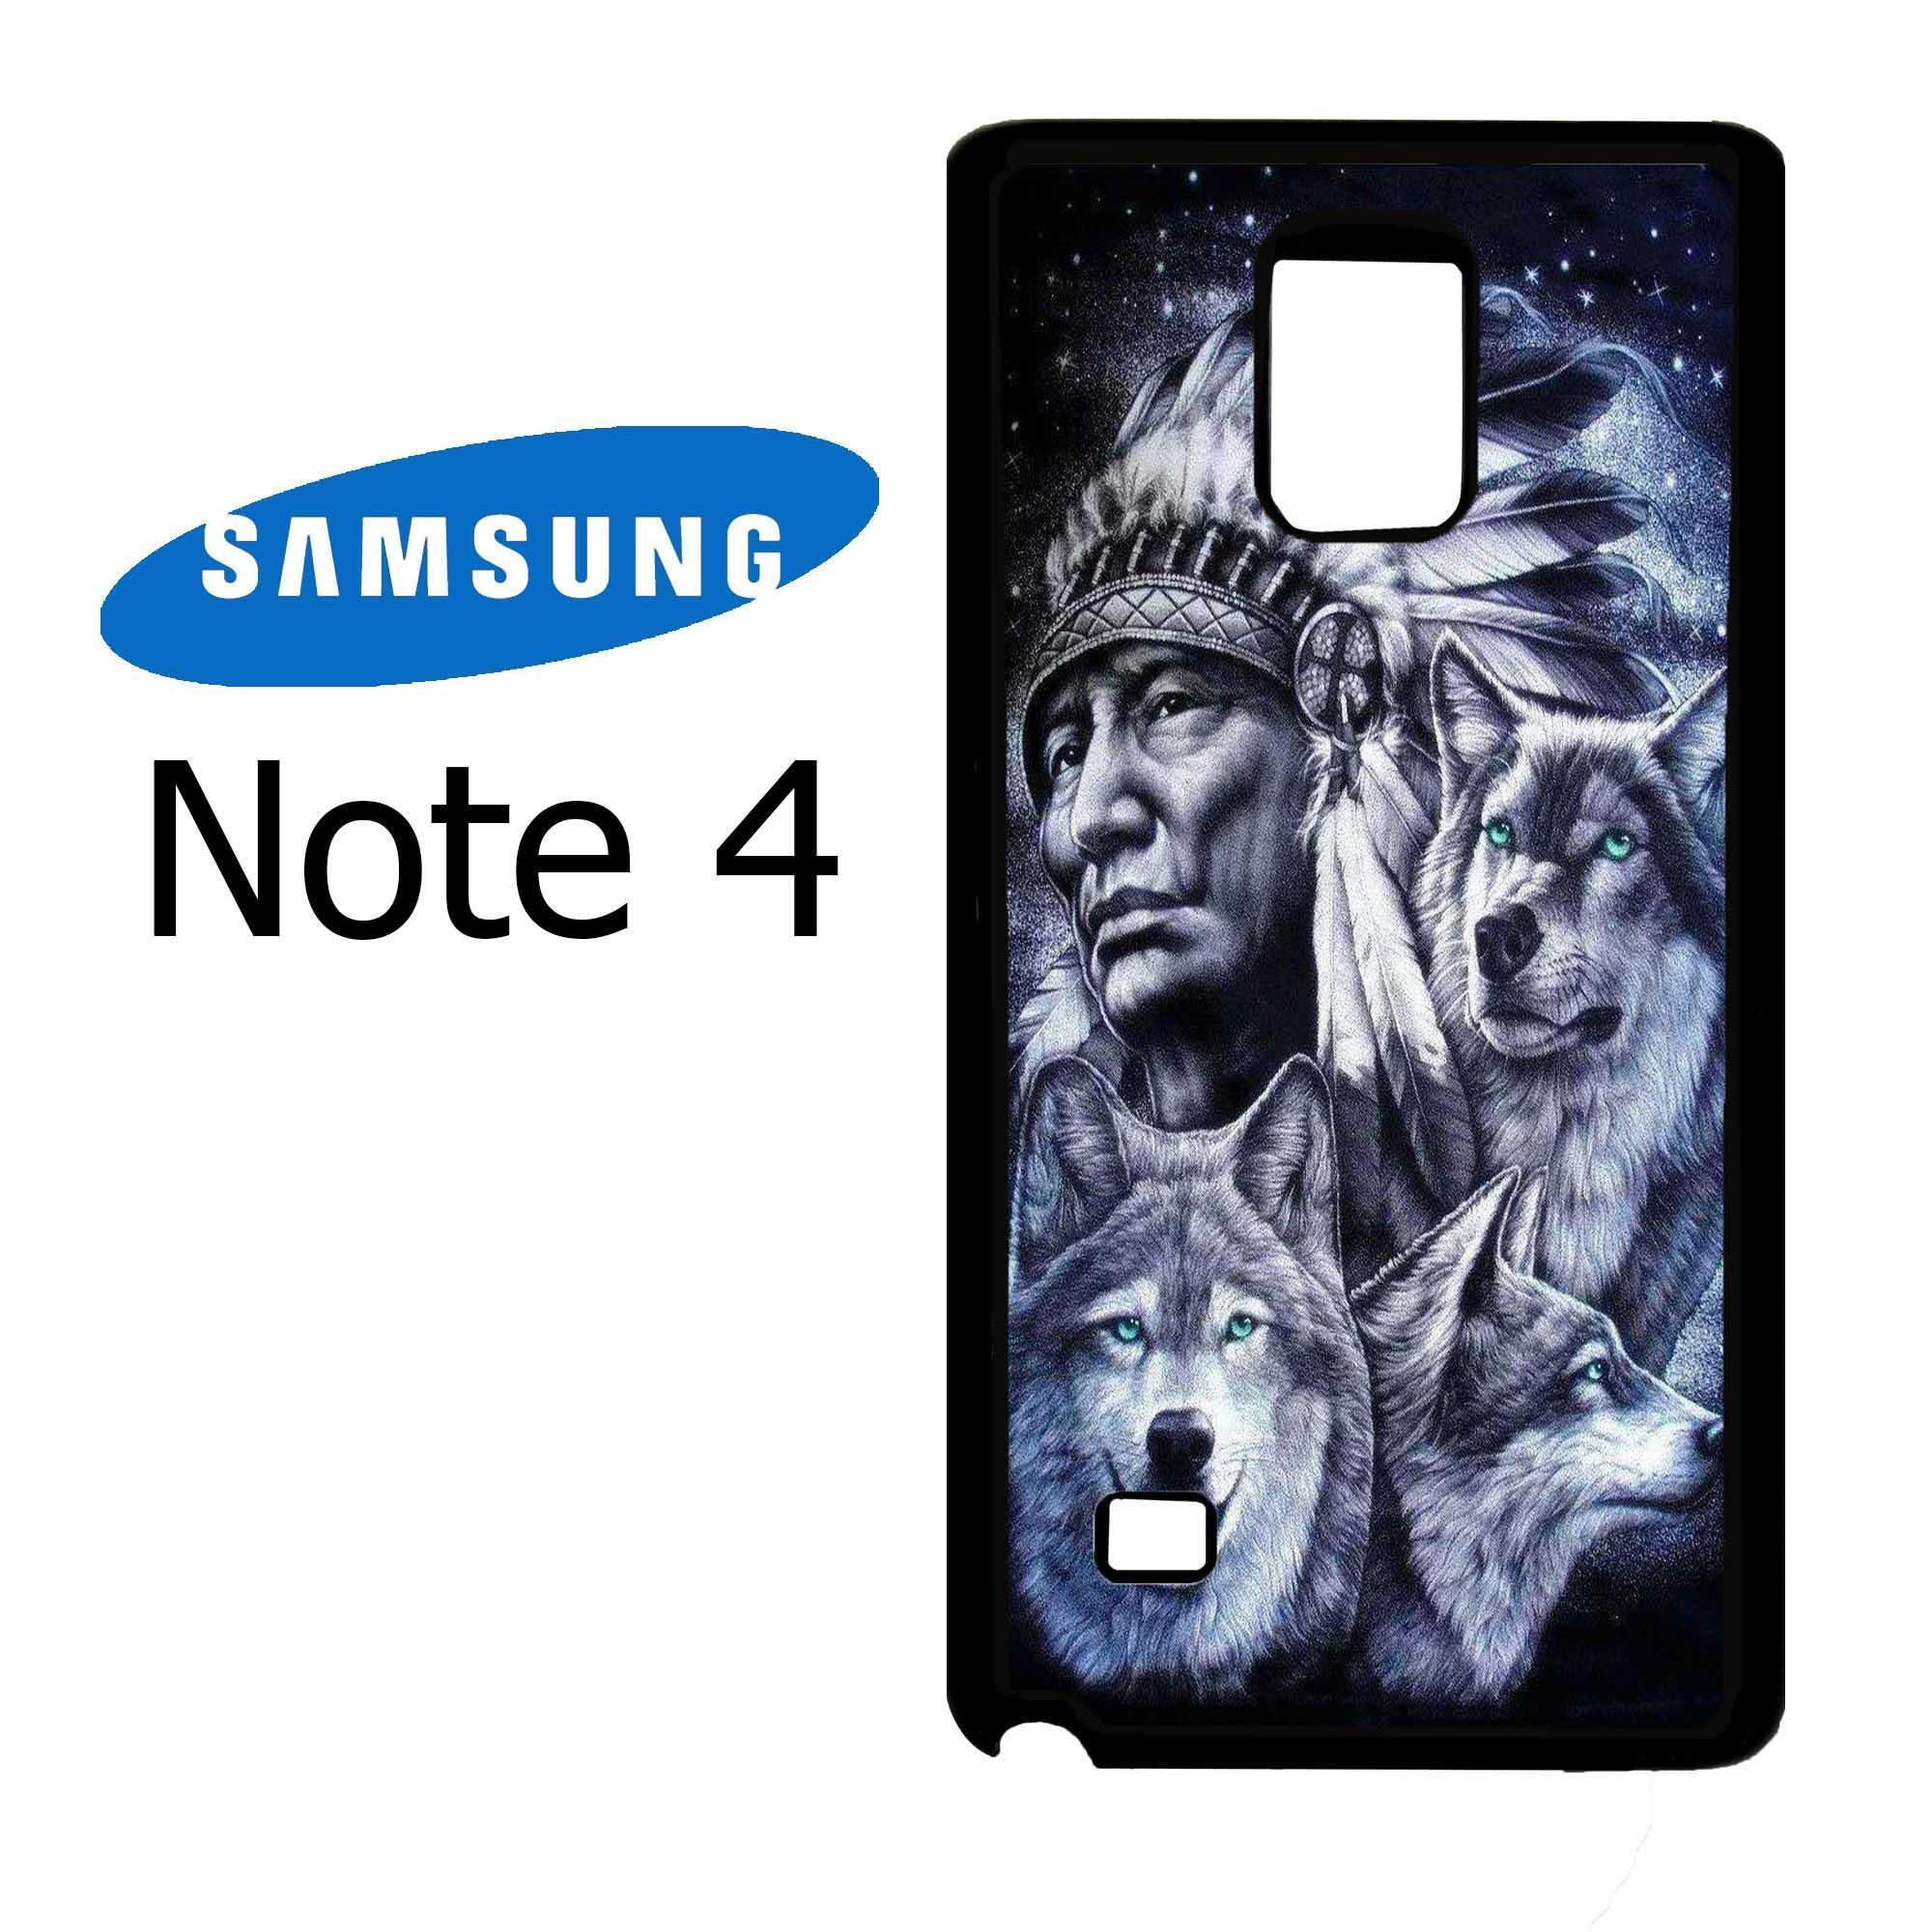 Rajamurah fasion printing case Samsung Note4 - 150